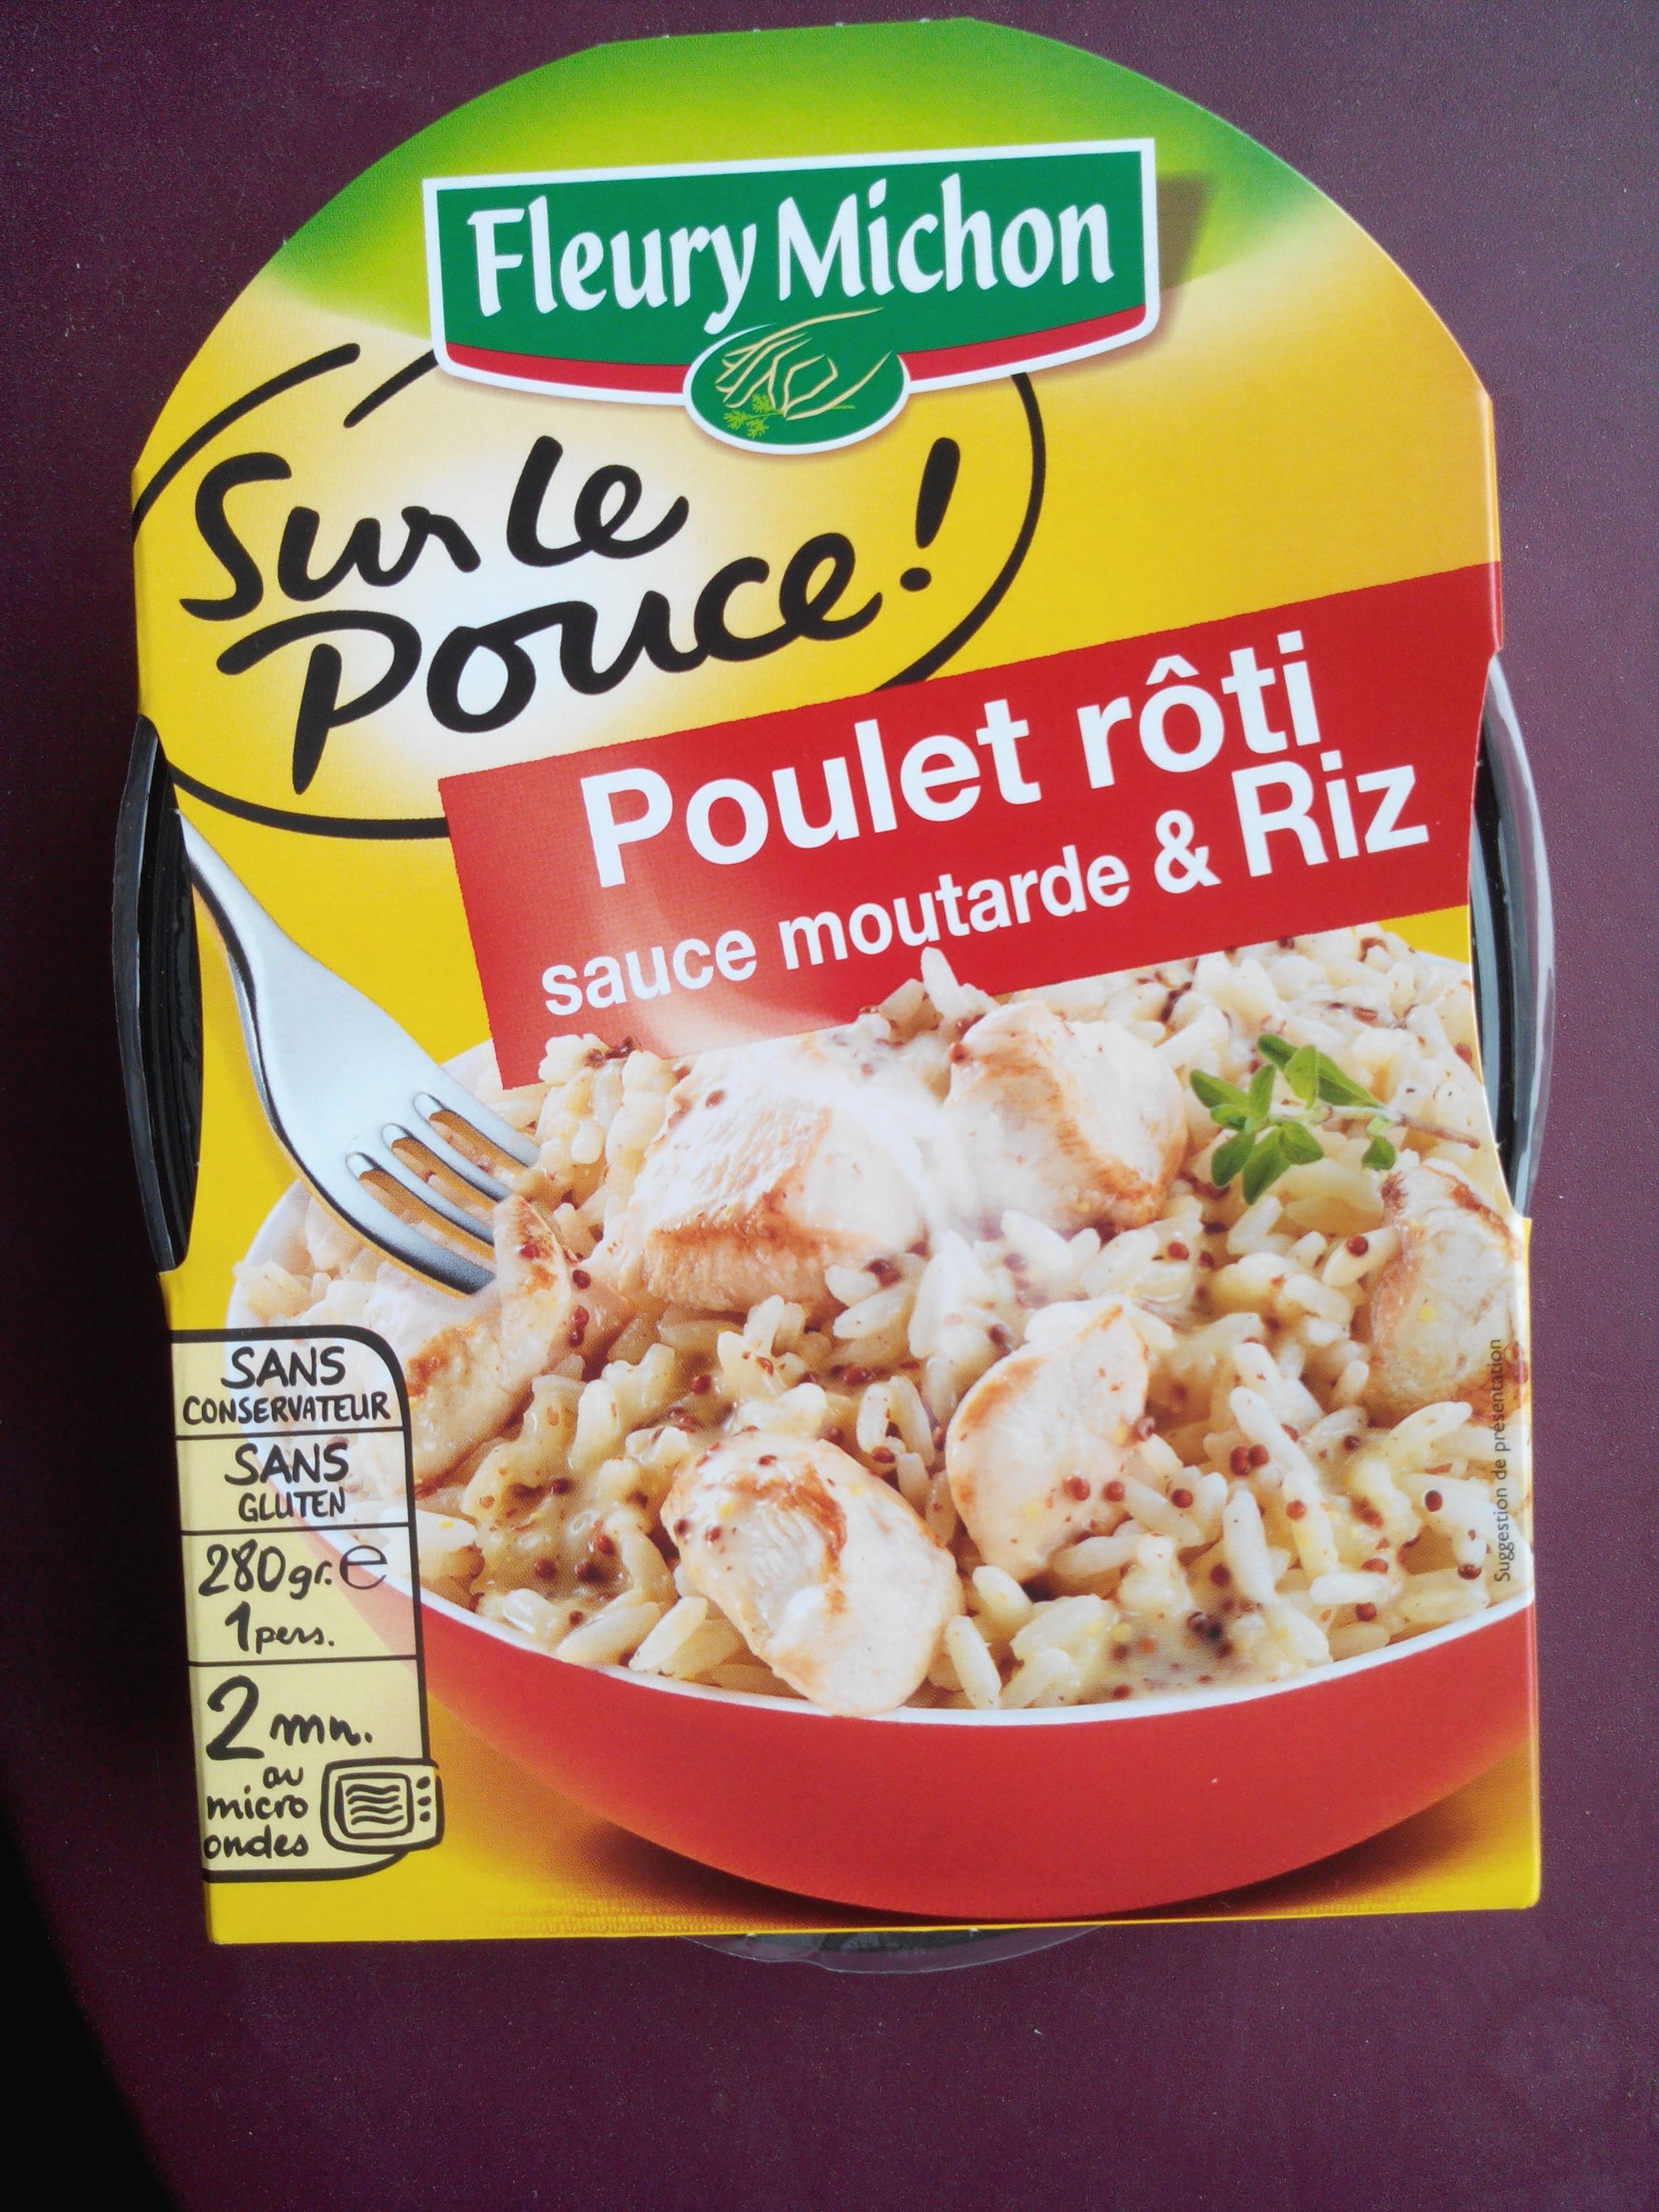 poulet r ti sauce moutarde riz fleury michon 280 g. Black Bedroom Furniture Sets. Home Design Ideas